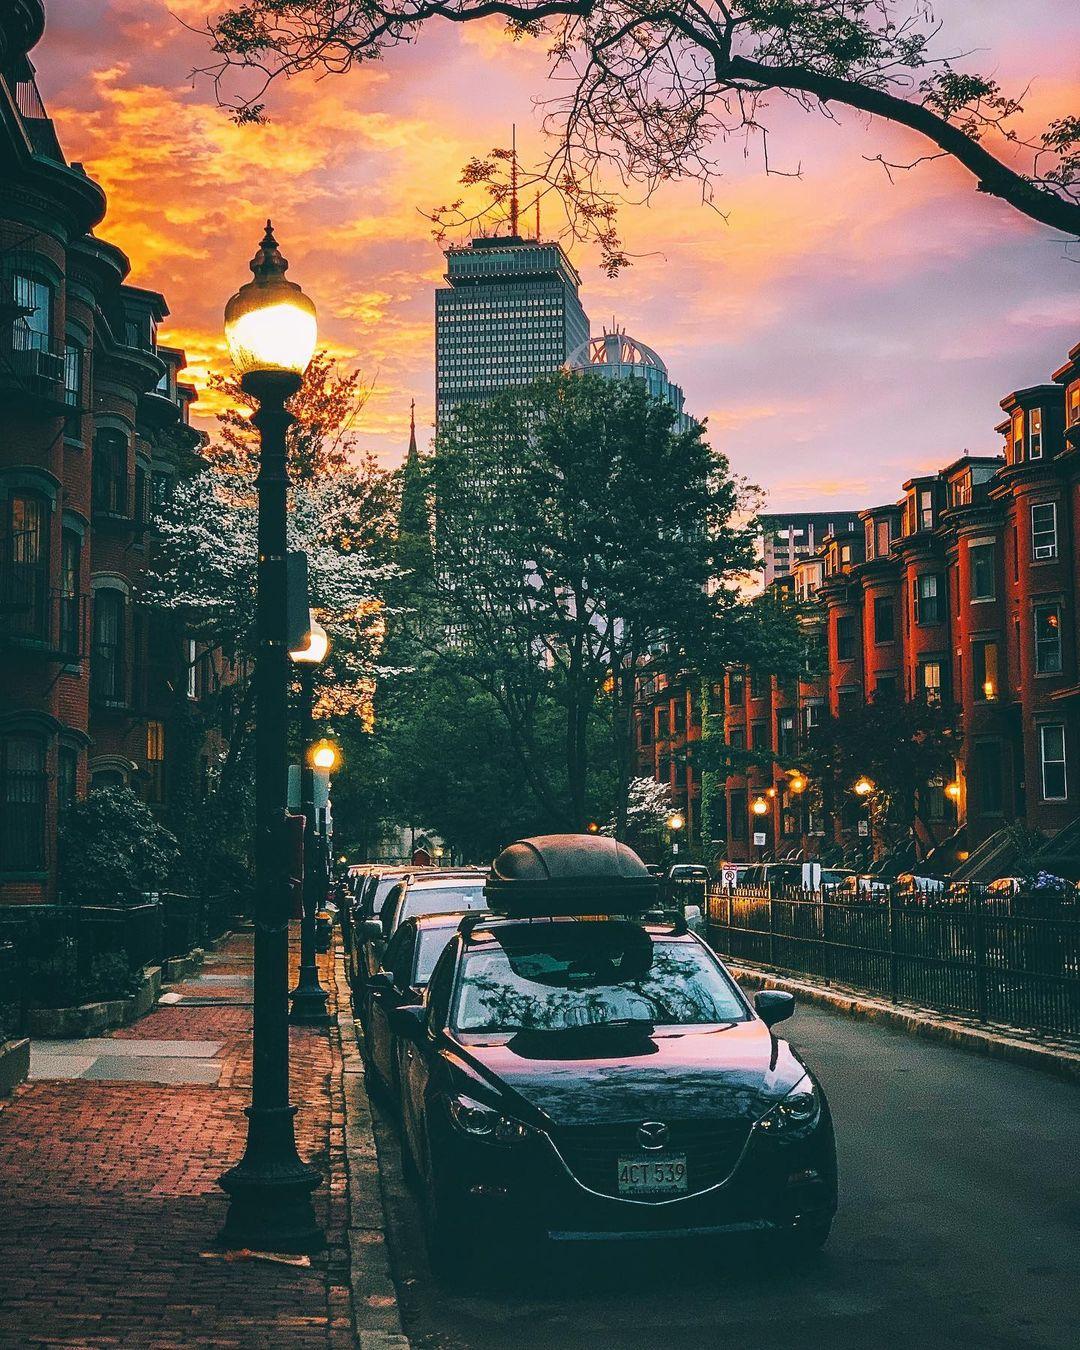 Красивые городские и уличные снимки от Нила Кумара Картинки и фото